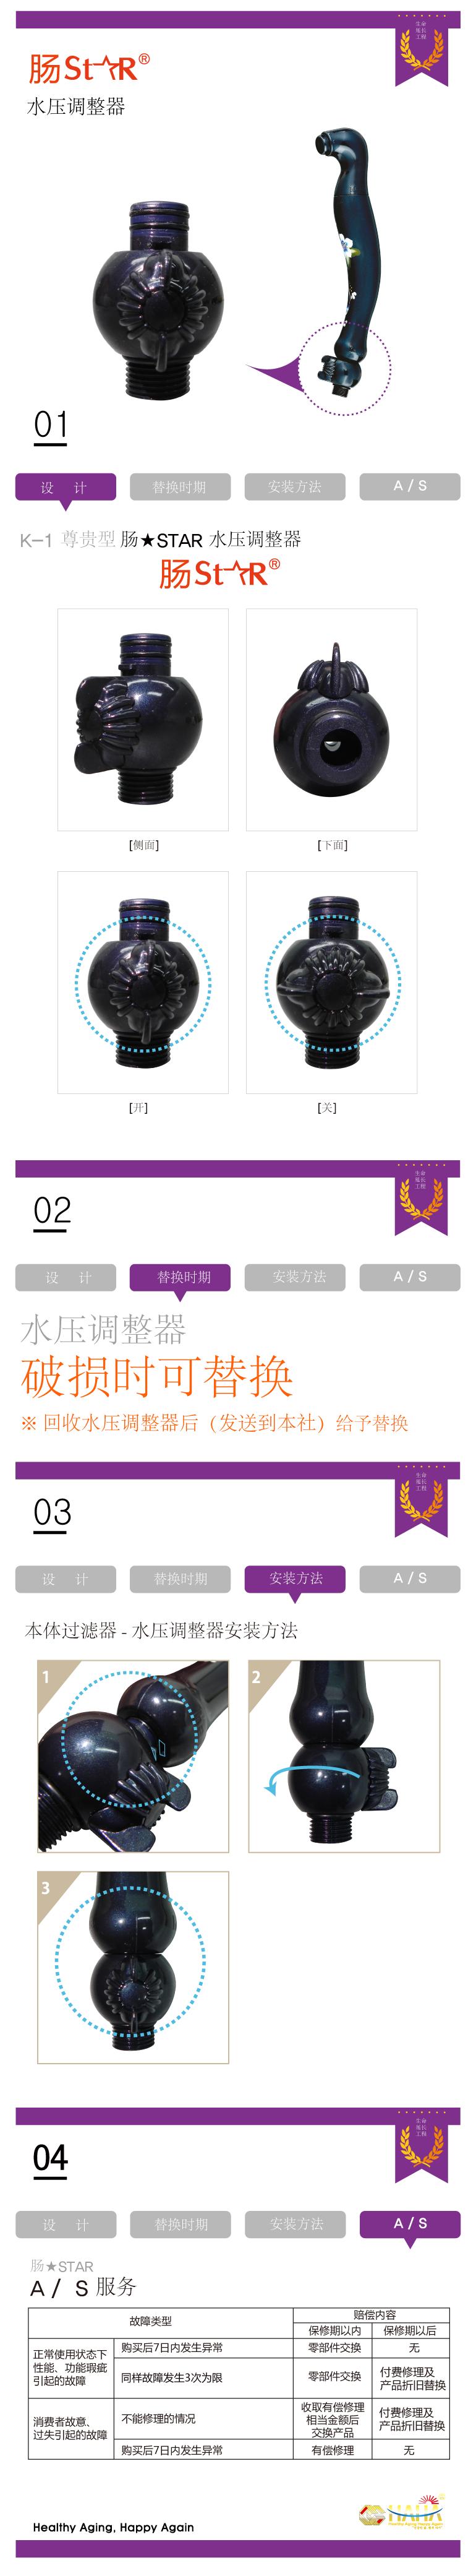 장스타-수압조절기-온라인-컨텐츠-중국어.png